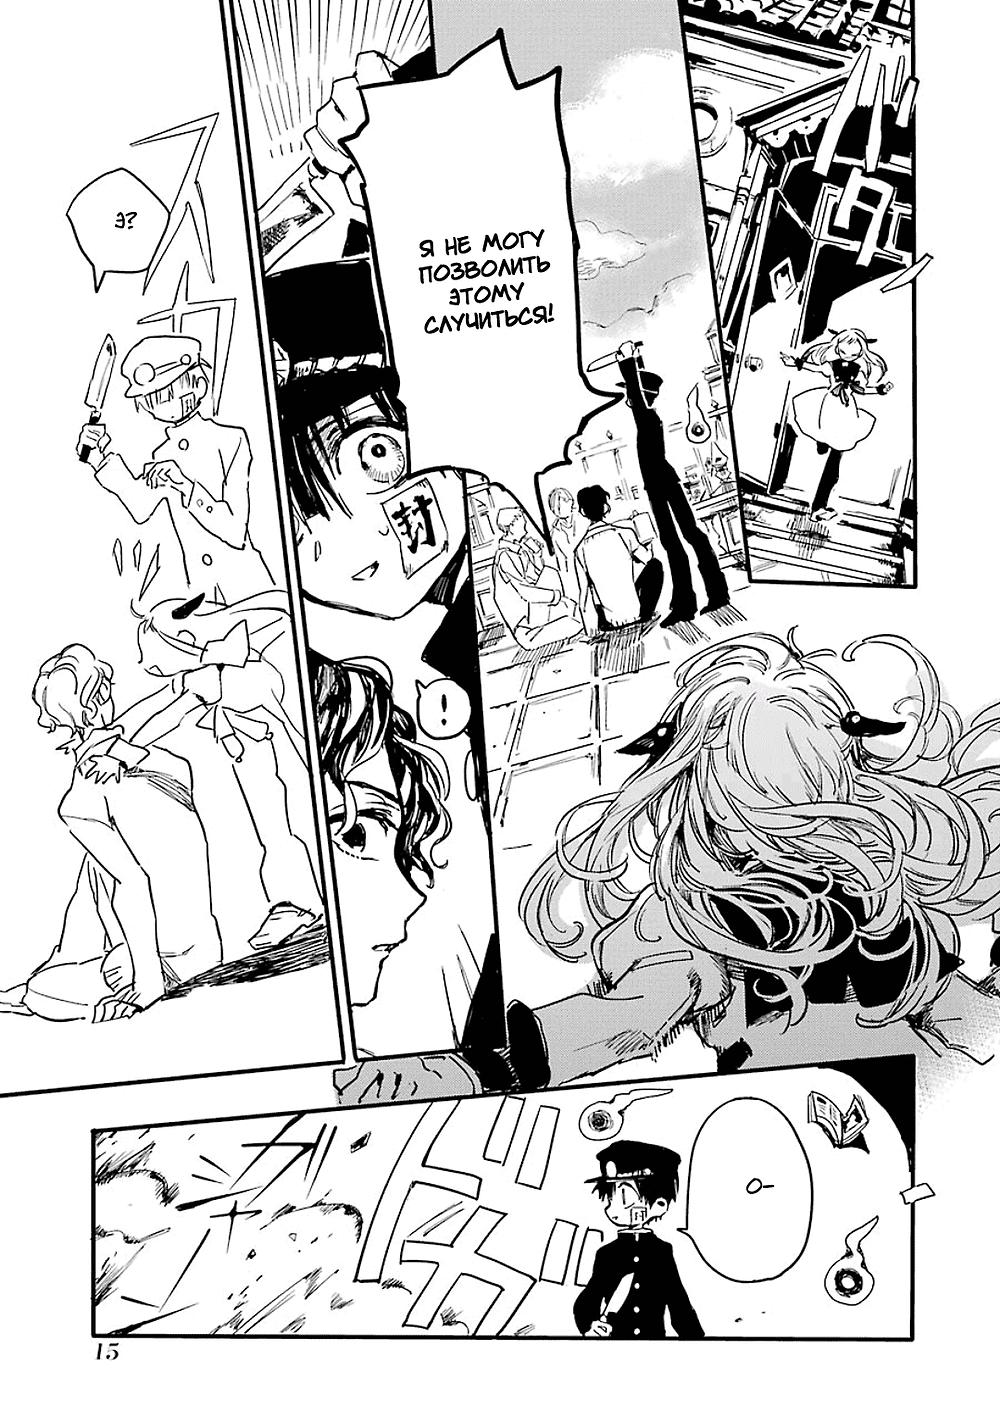 Манга на русском Туалетный мальчик Ханако кун. Вып.0, гл.1, страница 15. Студия комиксов Vaes Okshn